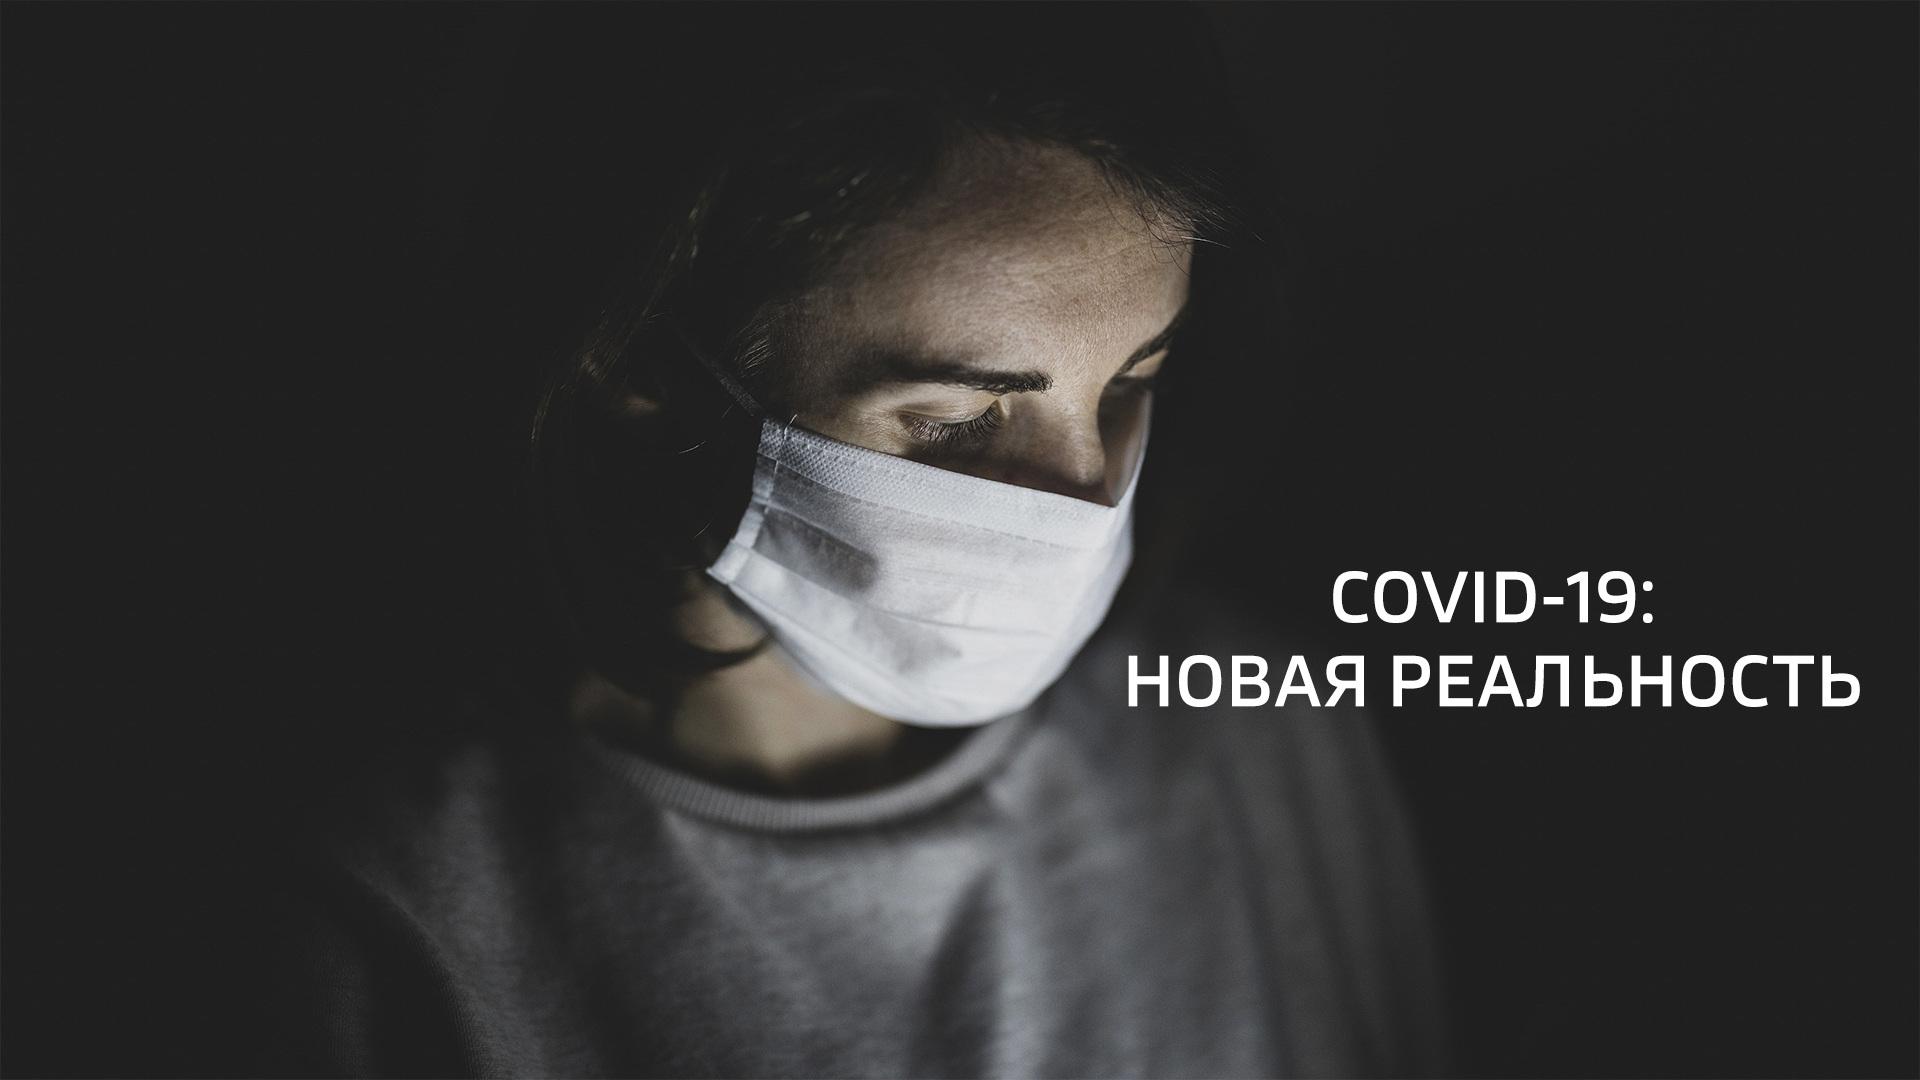 COVID-19: новая реальность